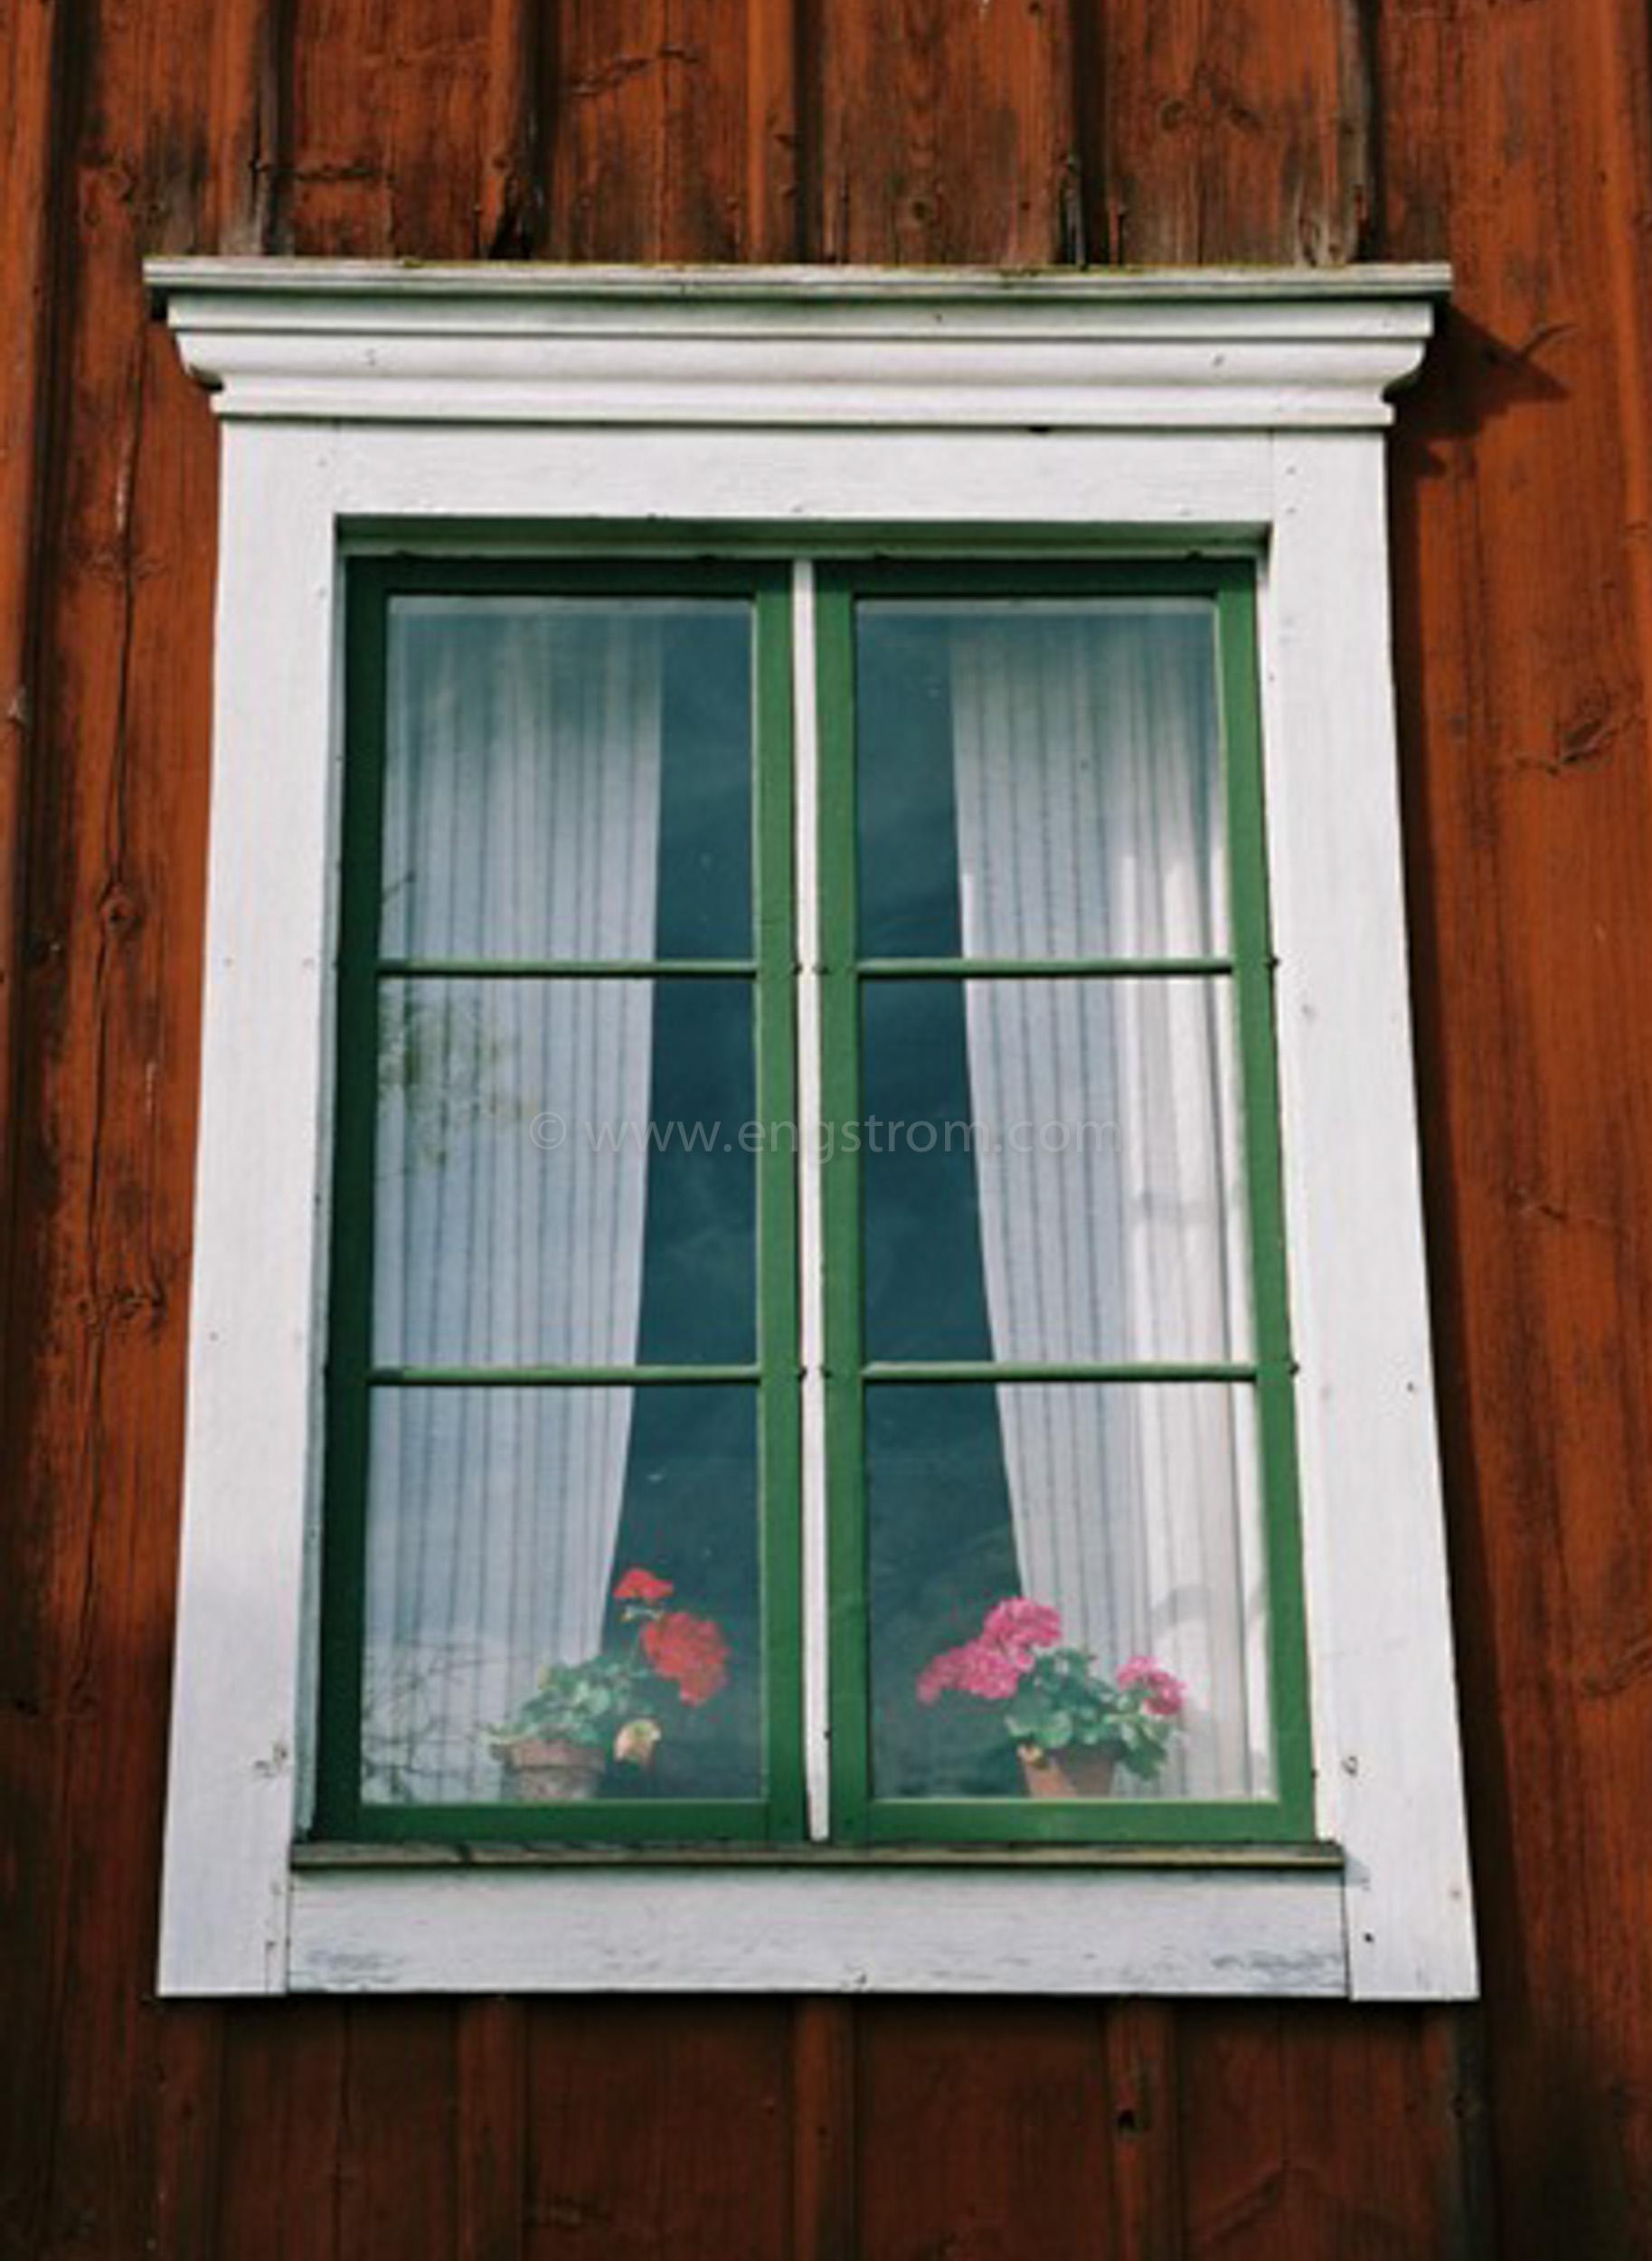 JE0425_171, Hälsingegård i Delsbo. Sommaren 2004, Jonas Engström